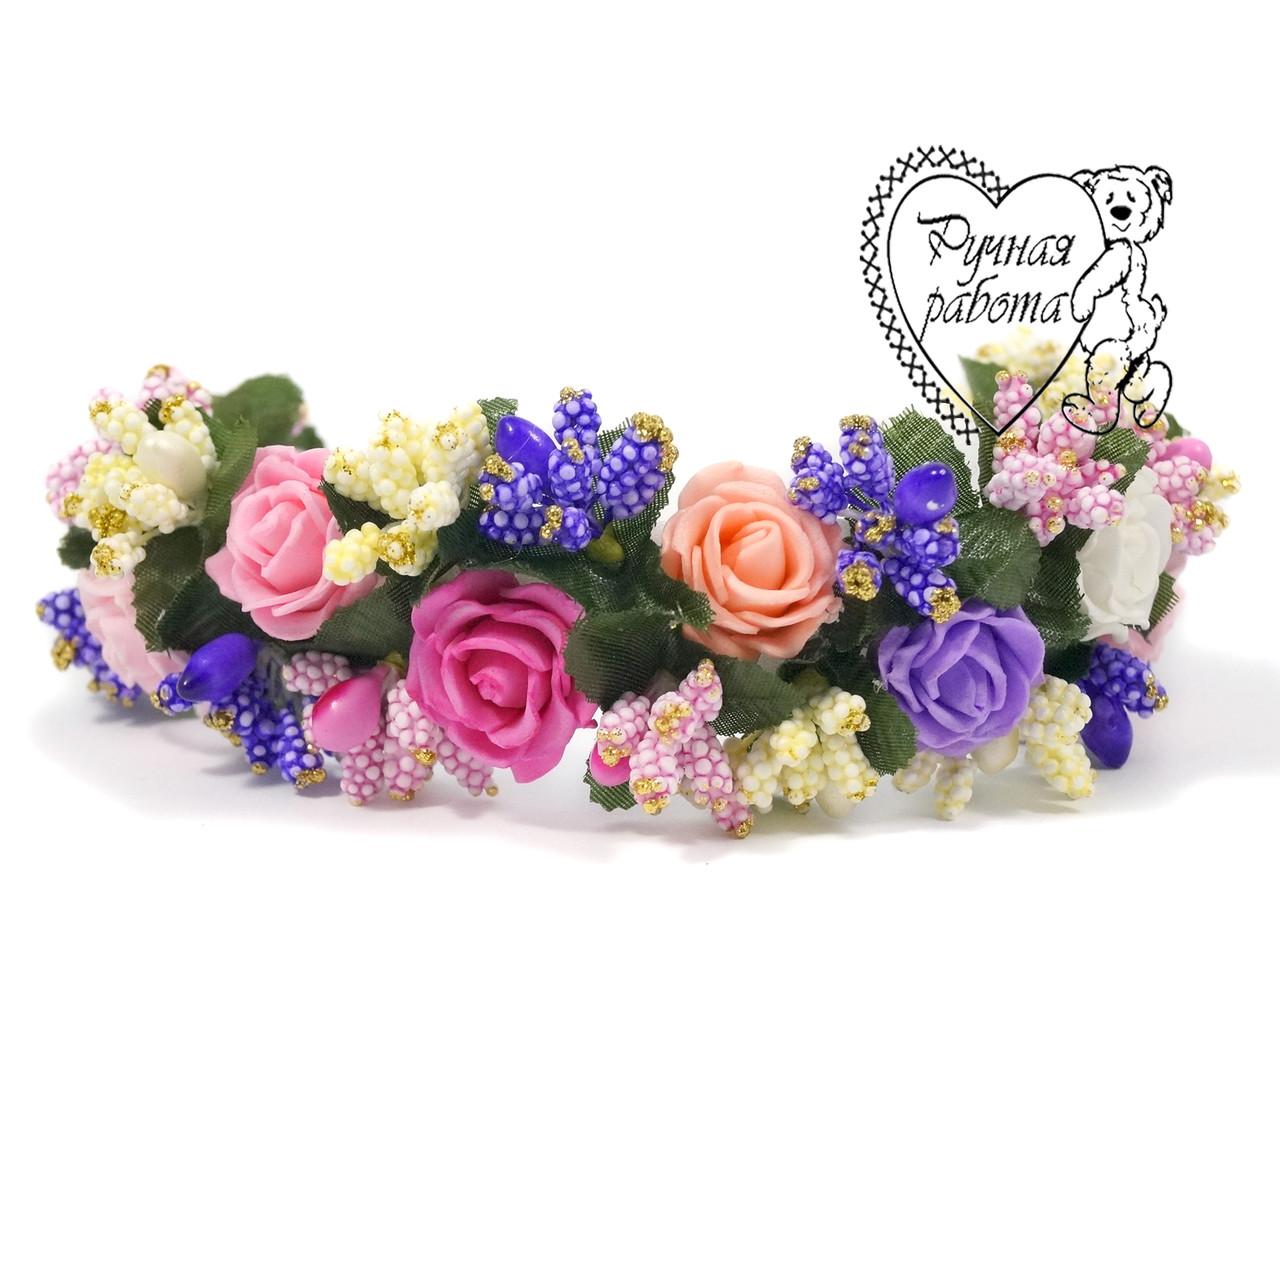 Повязка венок розы,  для девочки 0,5-2 года, ручная работа, цвета под заказ